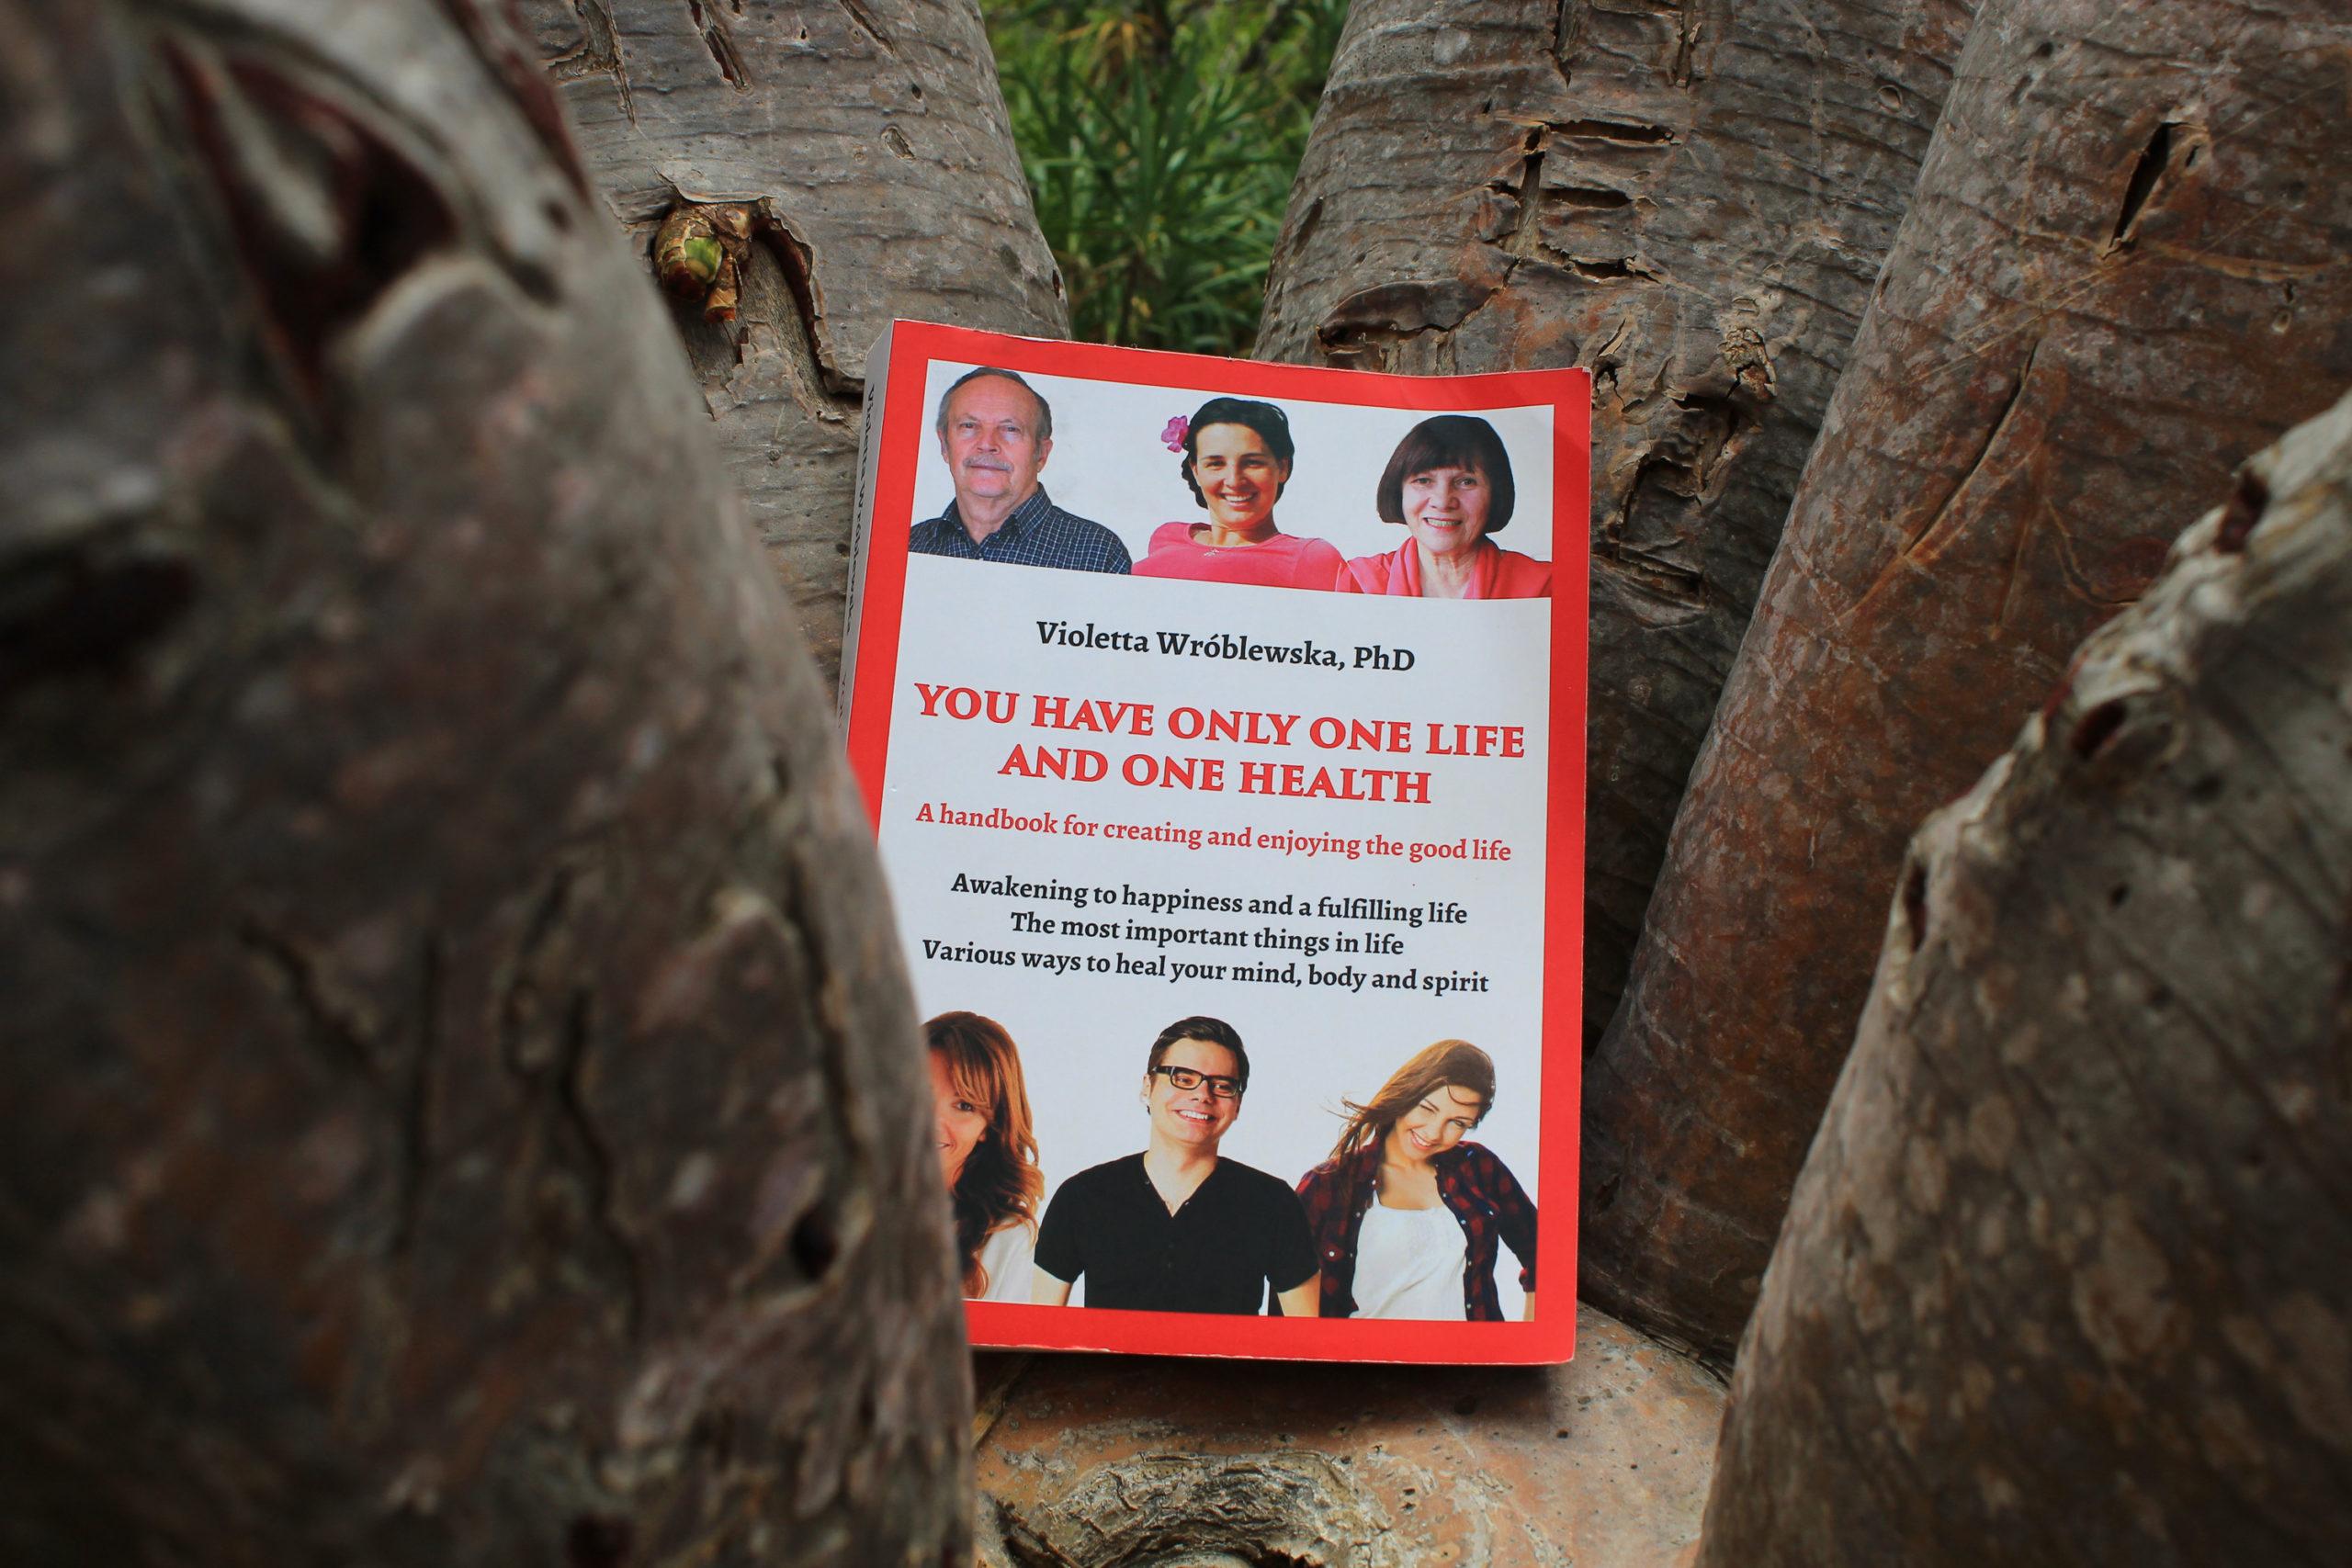 książka wśród drzew